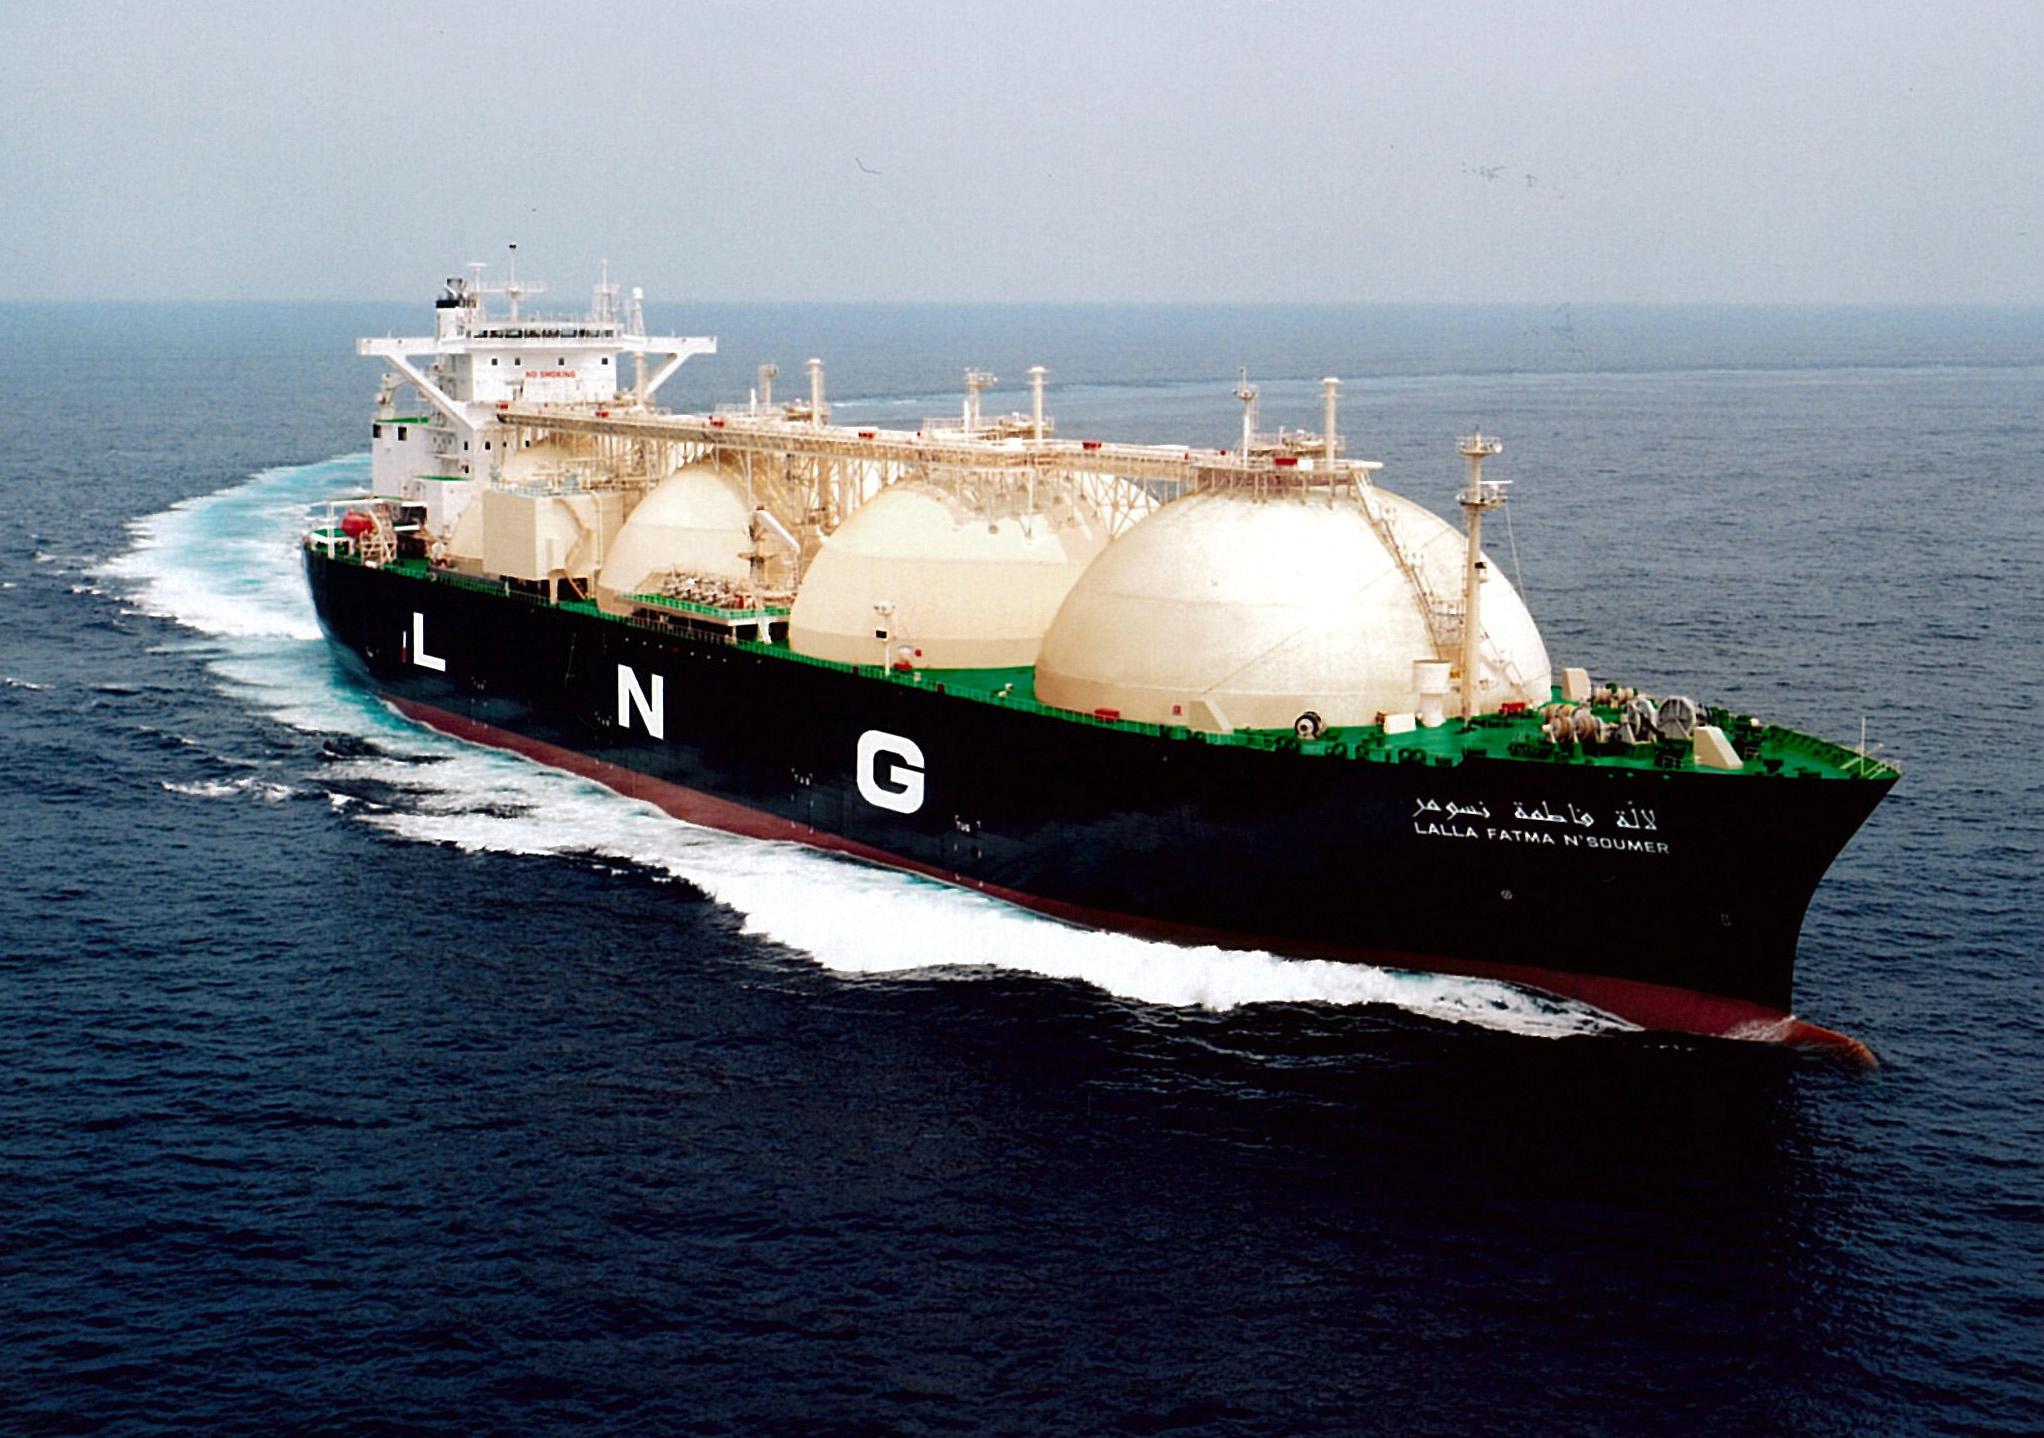 ОПЕК снизила добычу нефти дотрехмесячного минимума